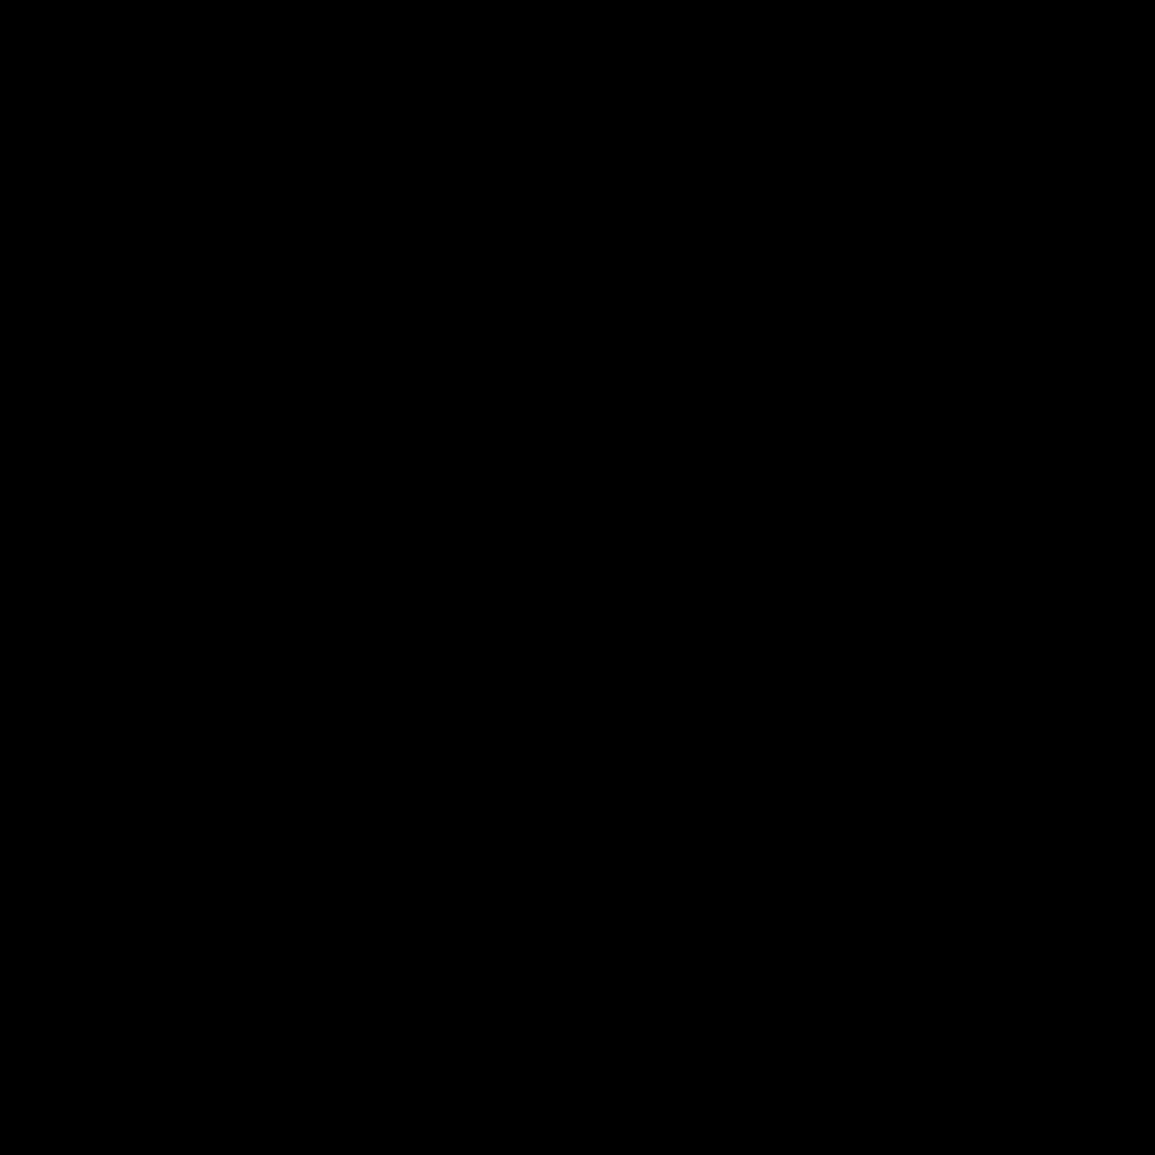 艶 B 小かな BTU-KS 字形見本